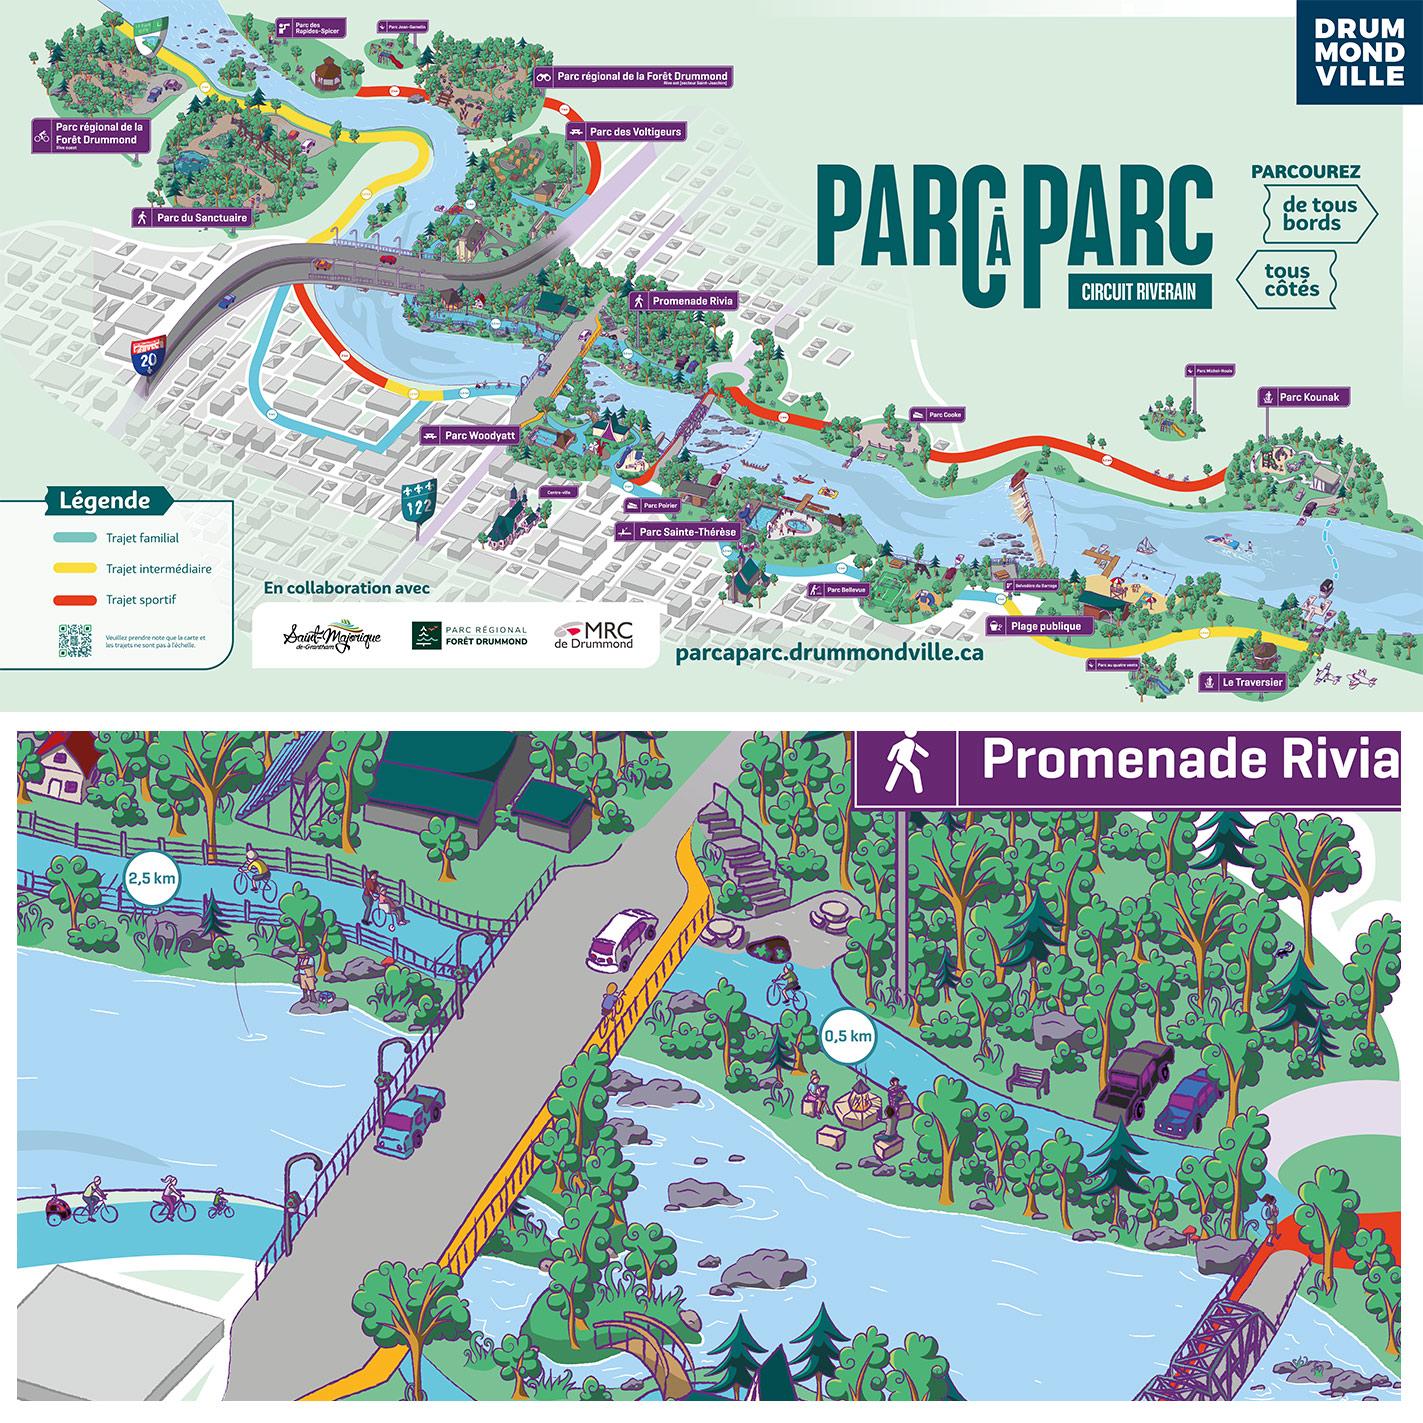 Nancy-Fournier_Oktane-Drummondville-Parc-a-Parc-illustration-carte-illustratrice